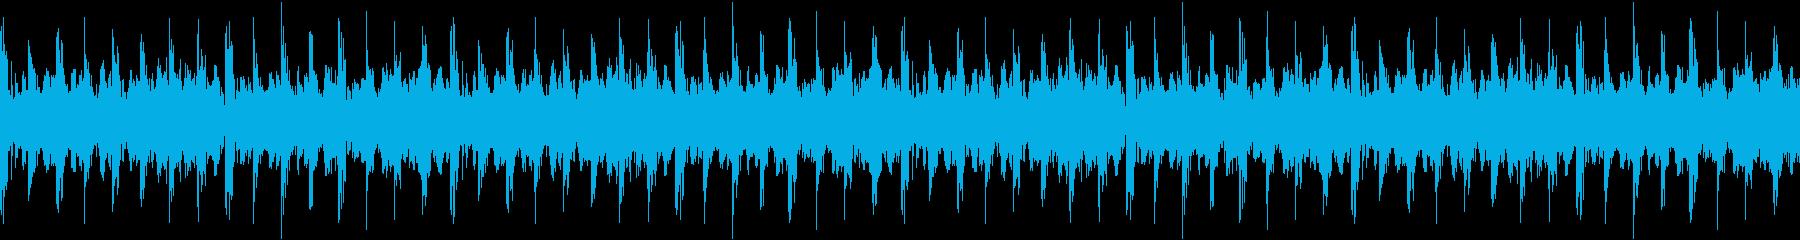 ストローブループ1の再生済みの波形